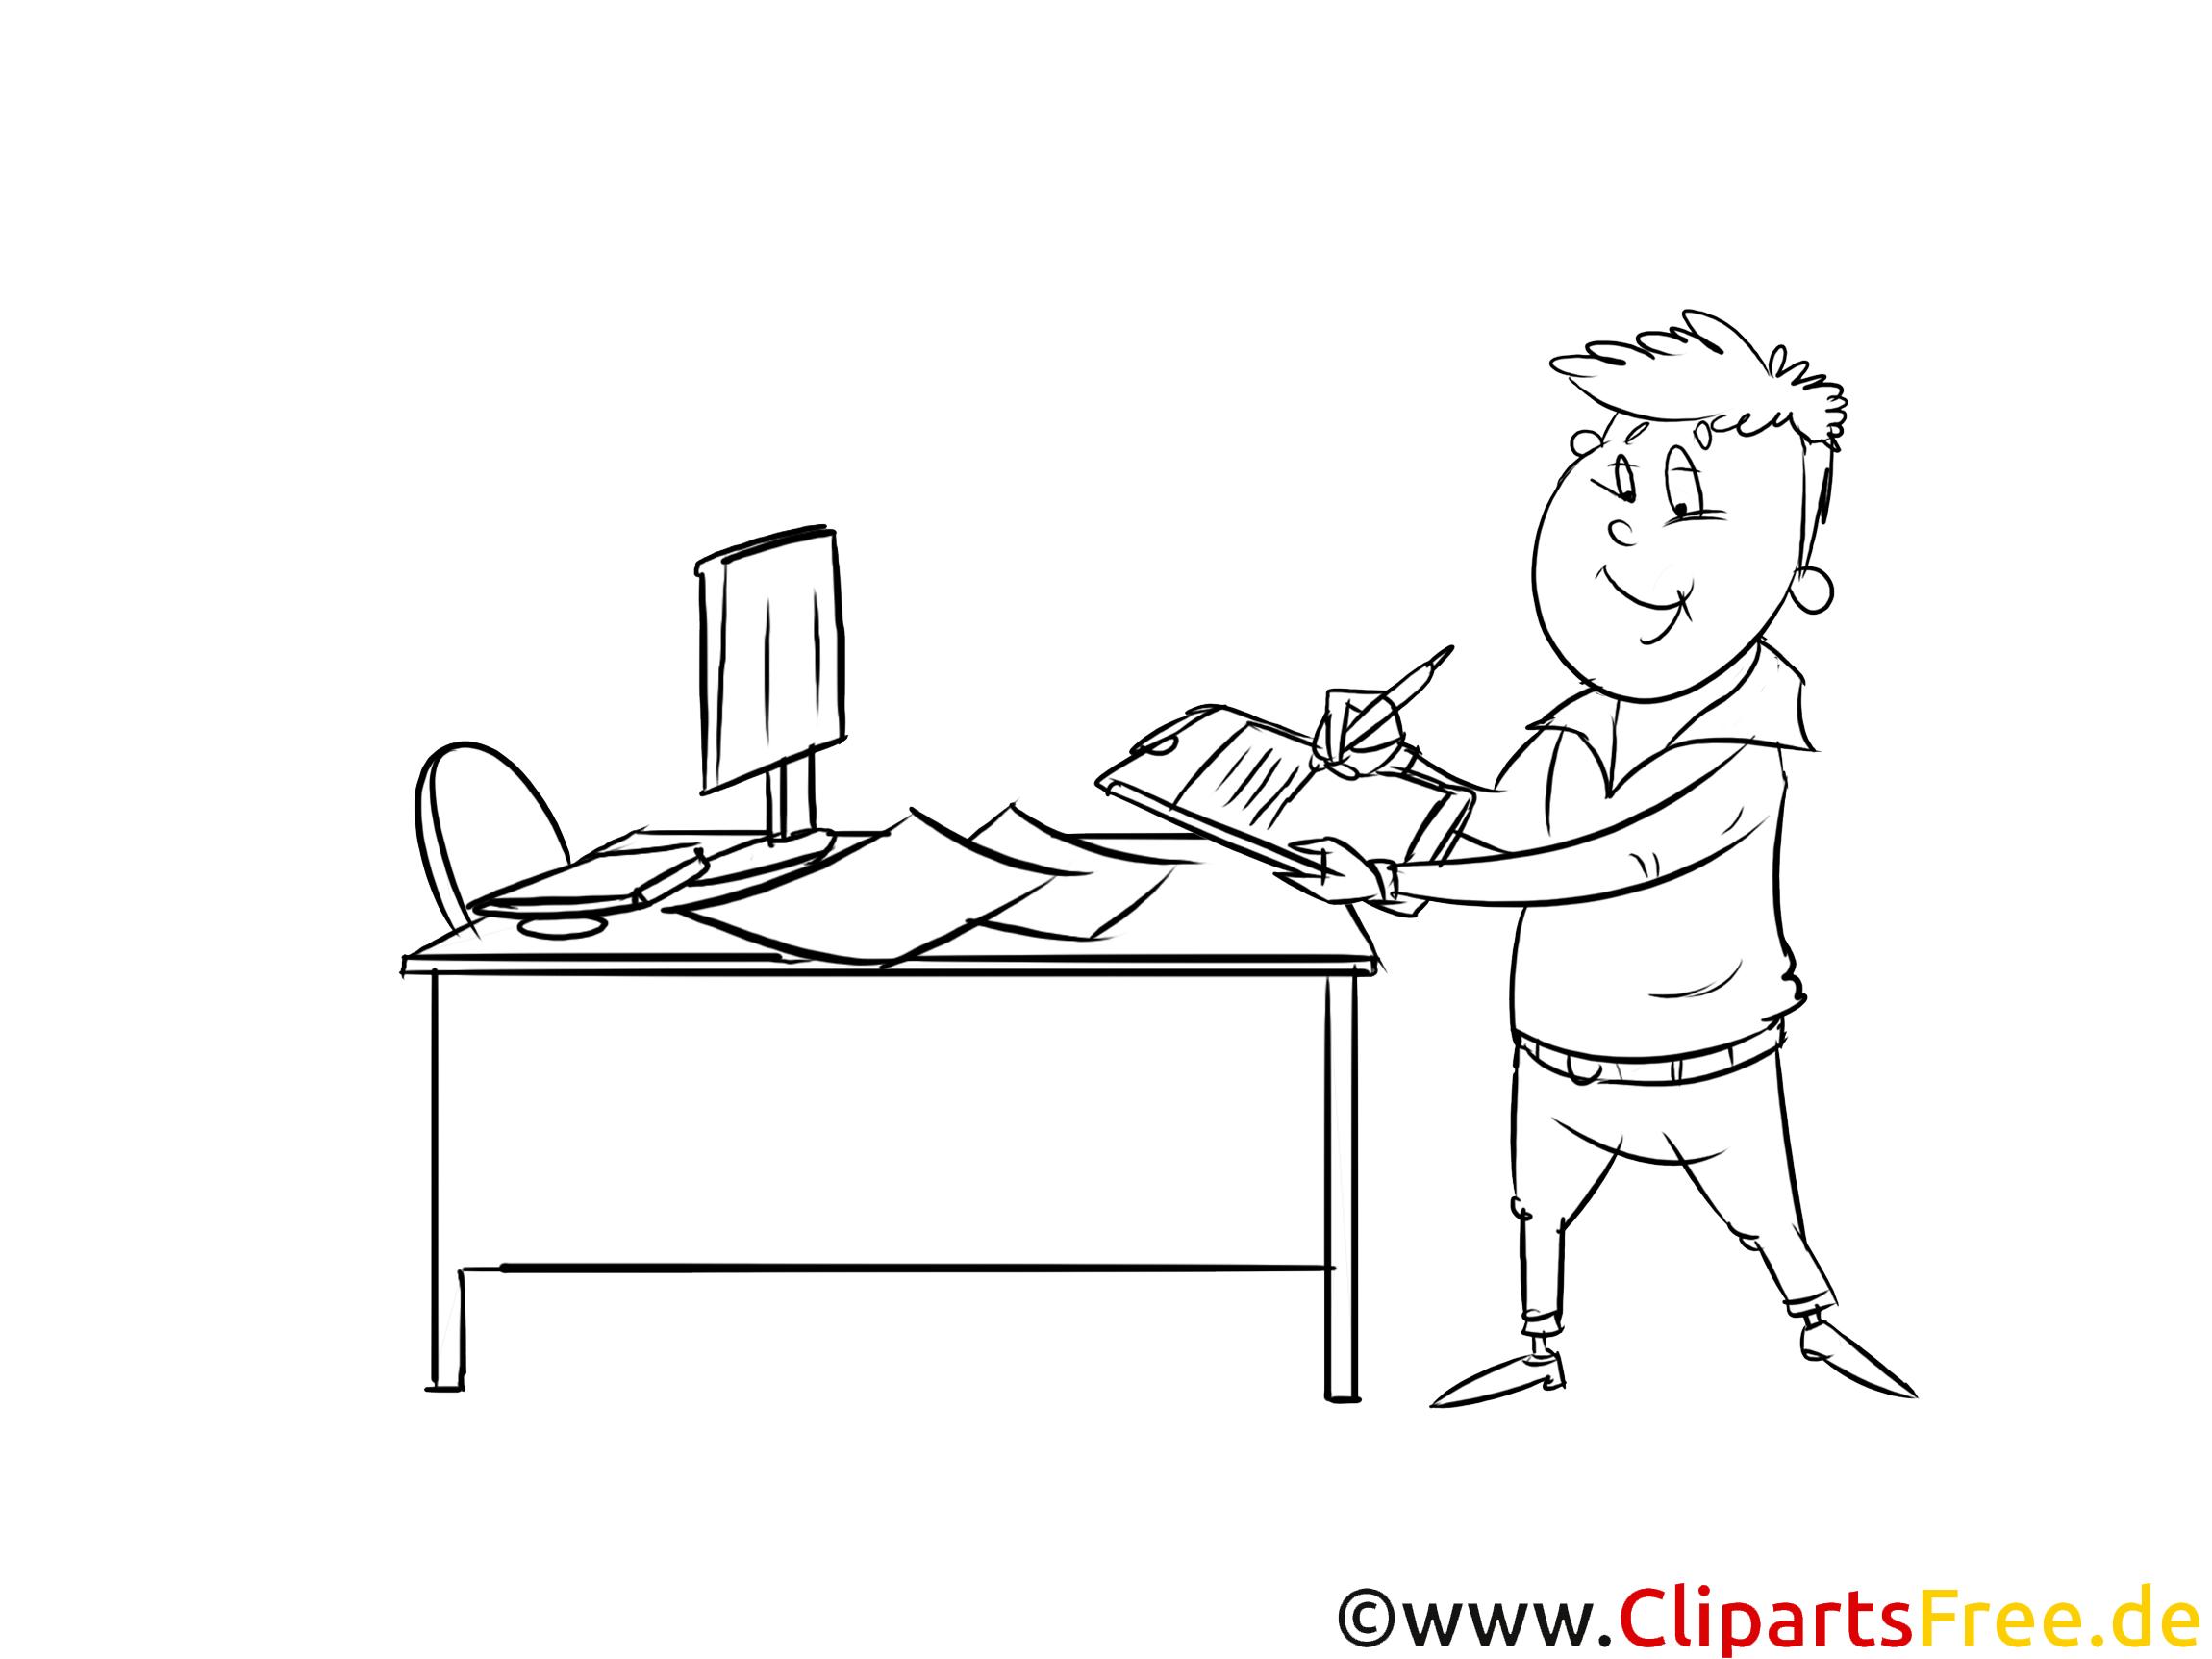 Fachmann Clipart schwarz weiß zum Thema Ausbildungsberufe